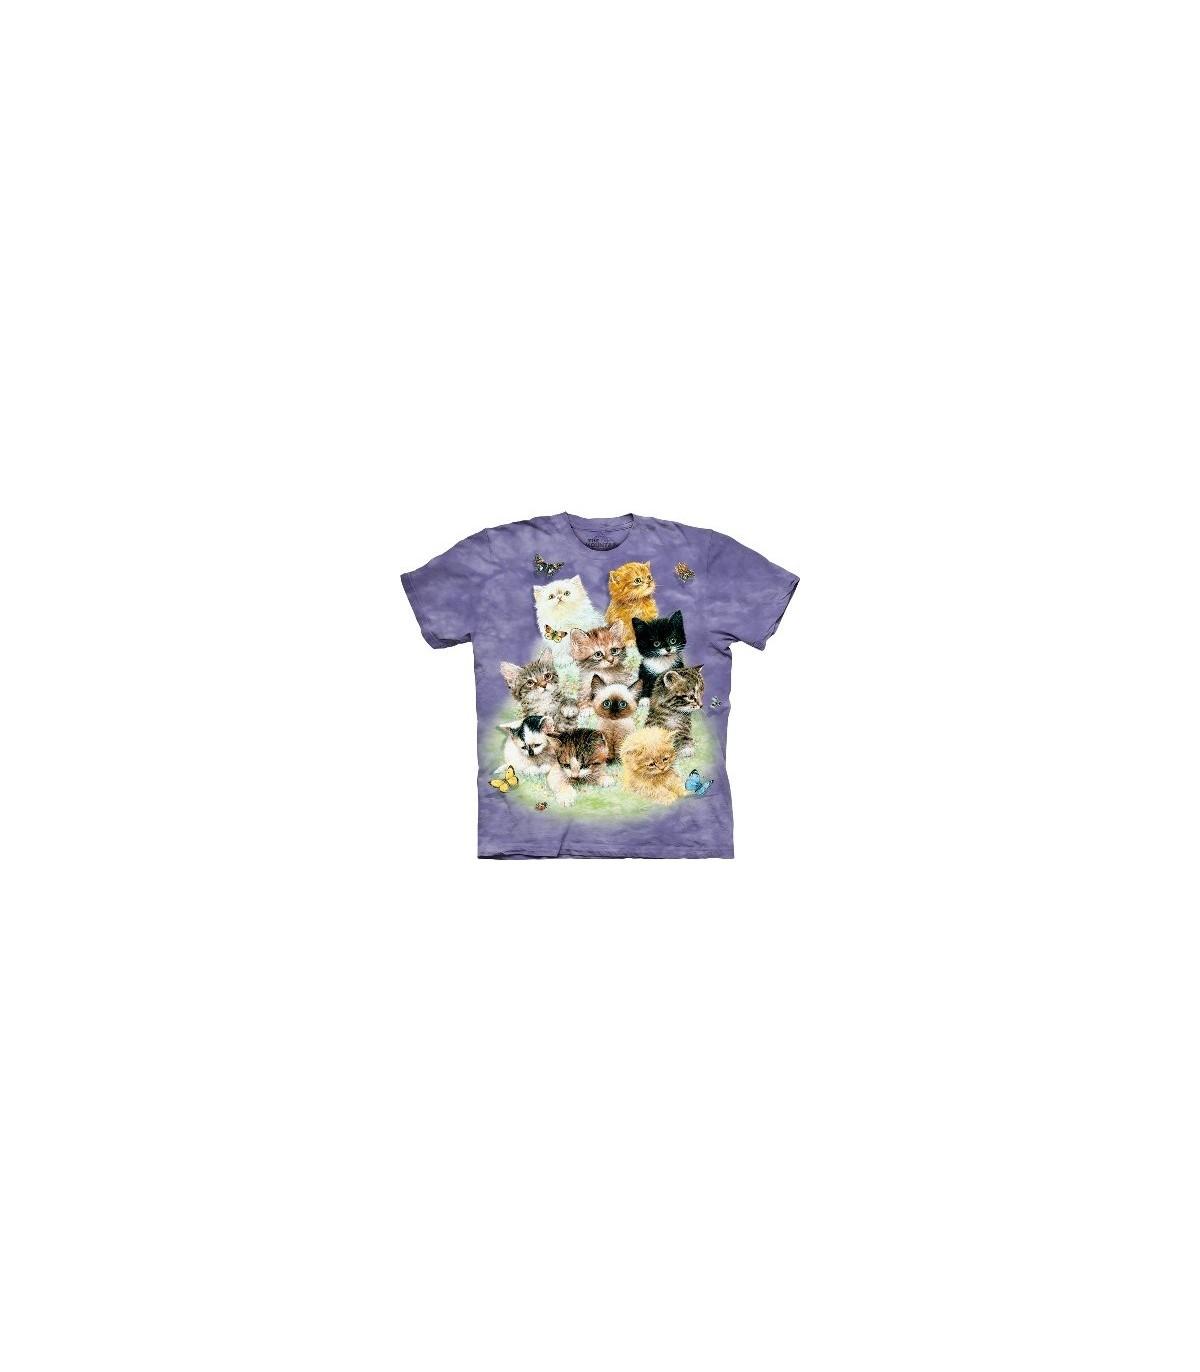 1080 All Sizes Ten Cute Kittens /& Butterflies The Mountain T-Shirt